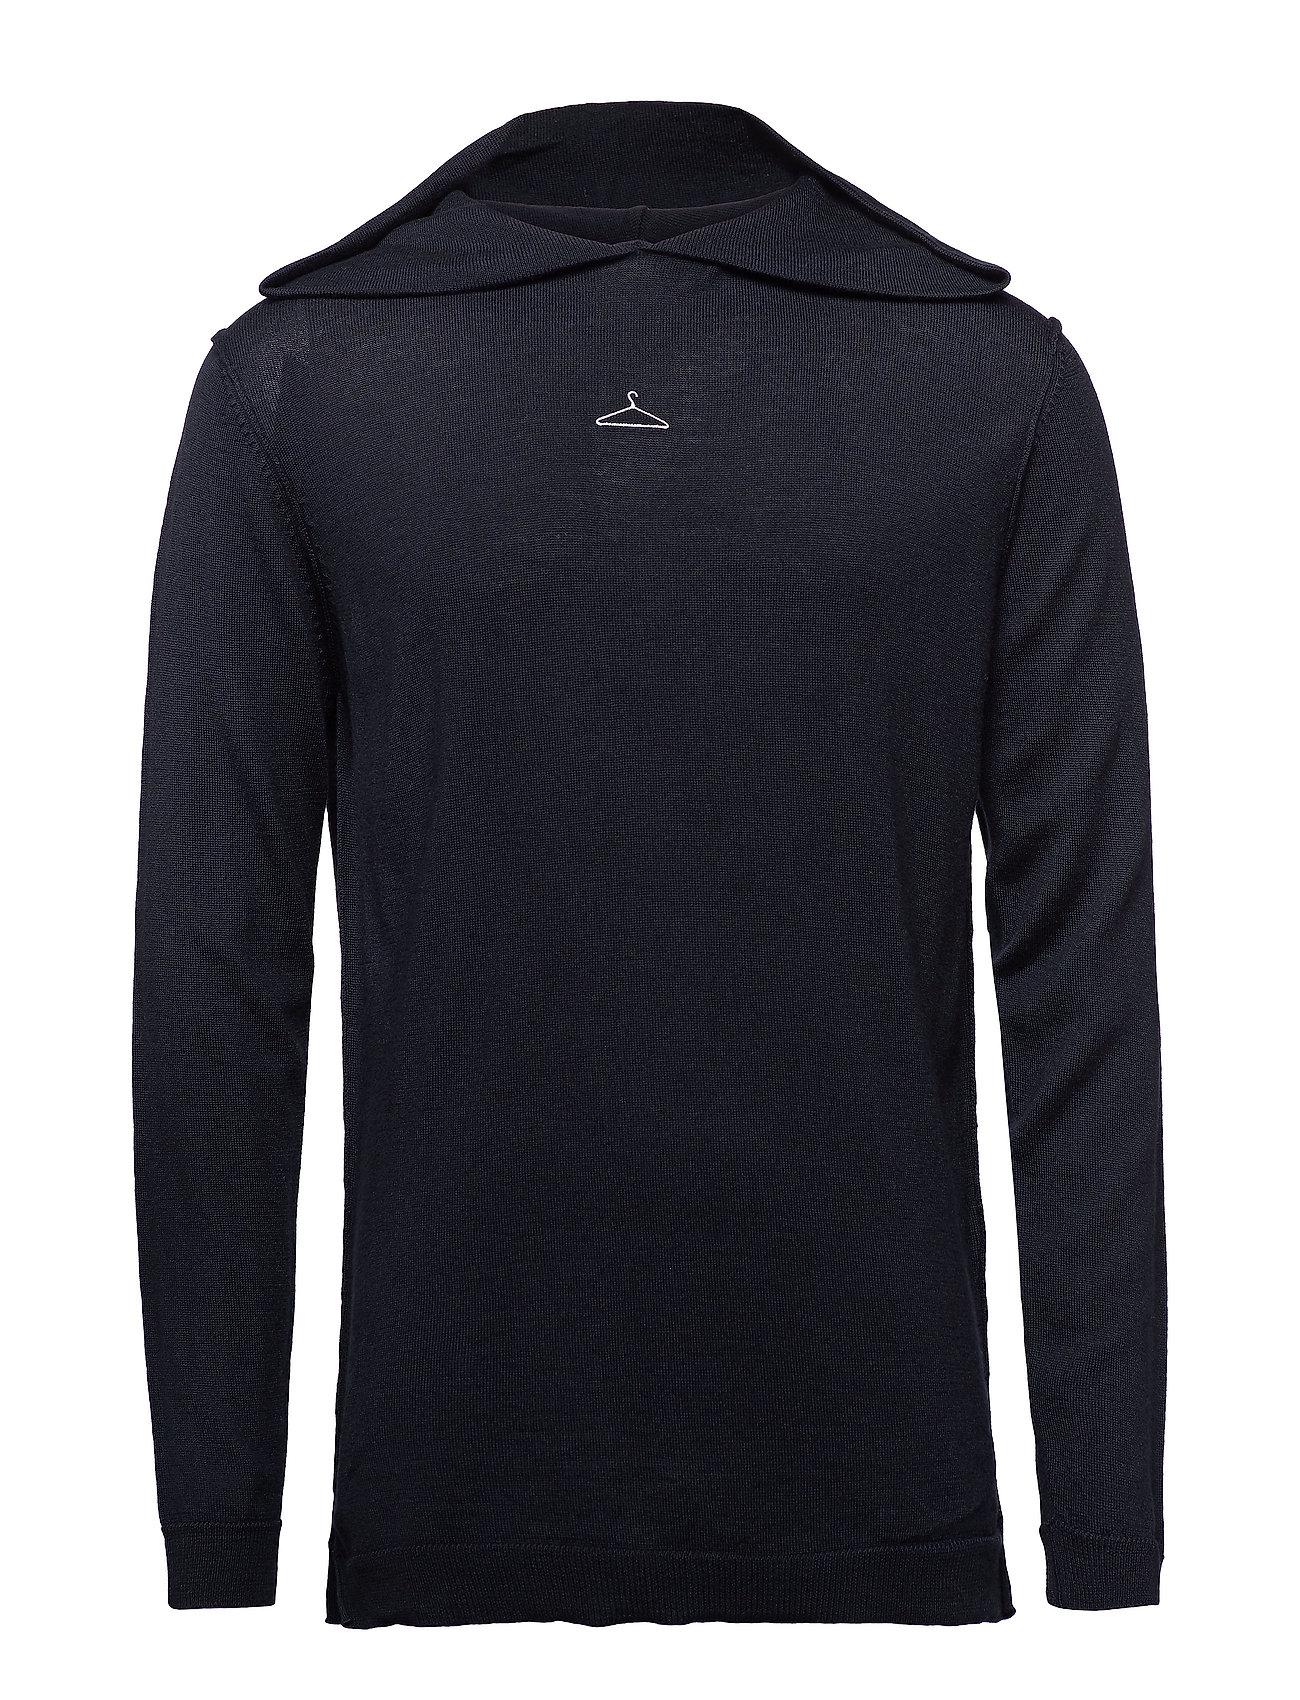 HOLZWEILER SUBLIME Knit-Black - BLACK